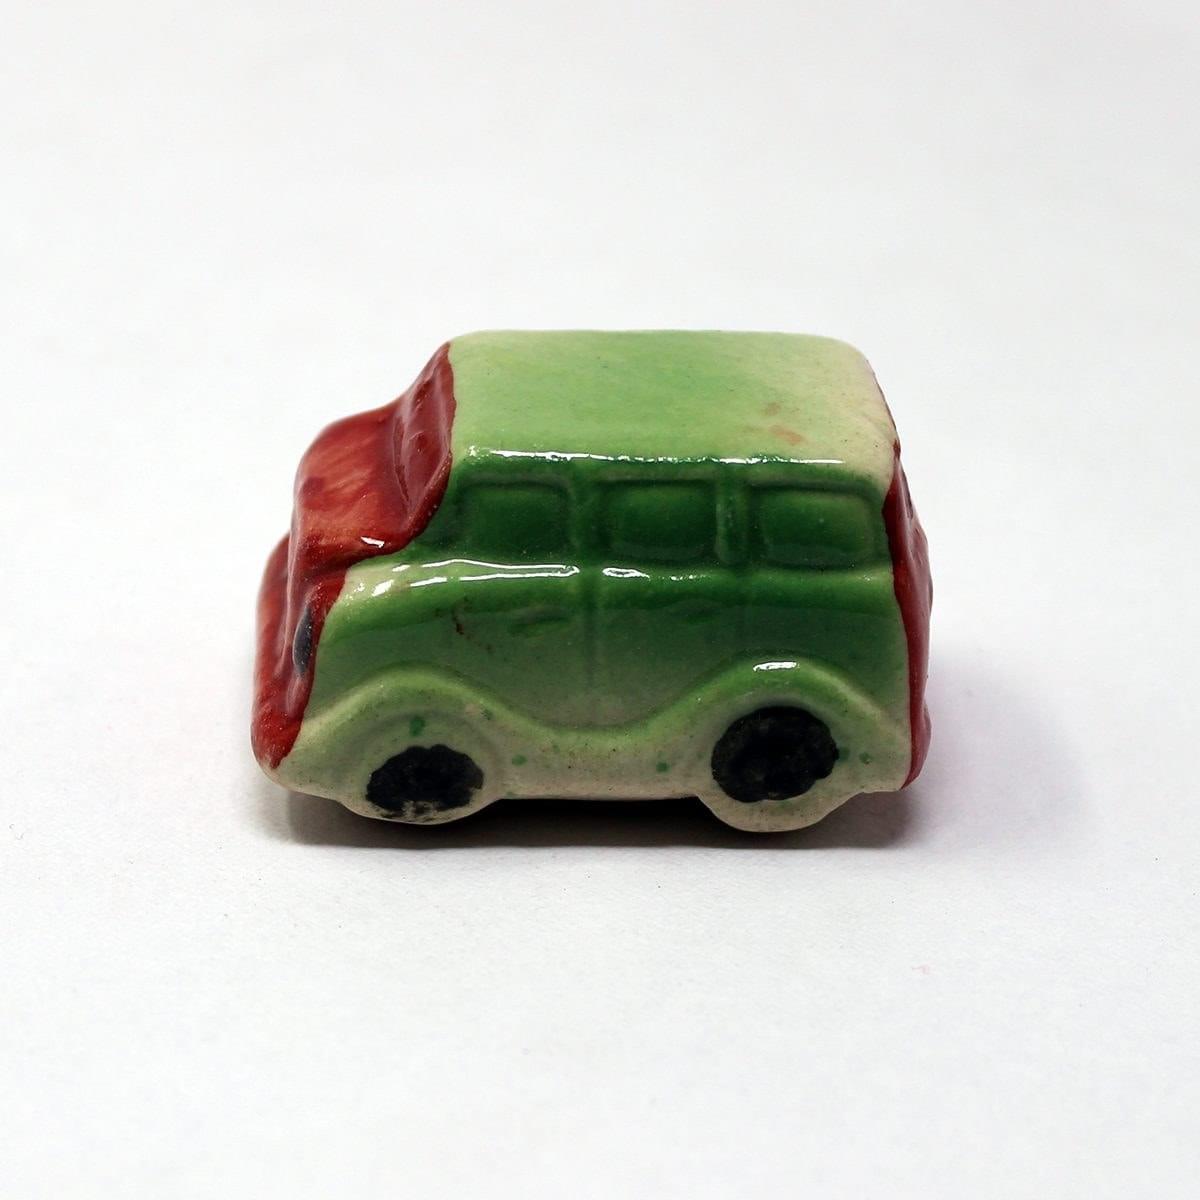 Miniature Ceramic Car Multi Colour